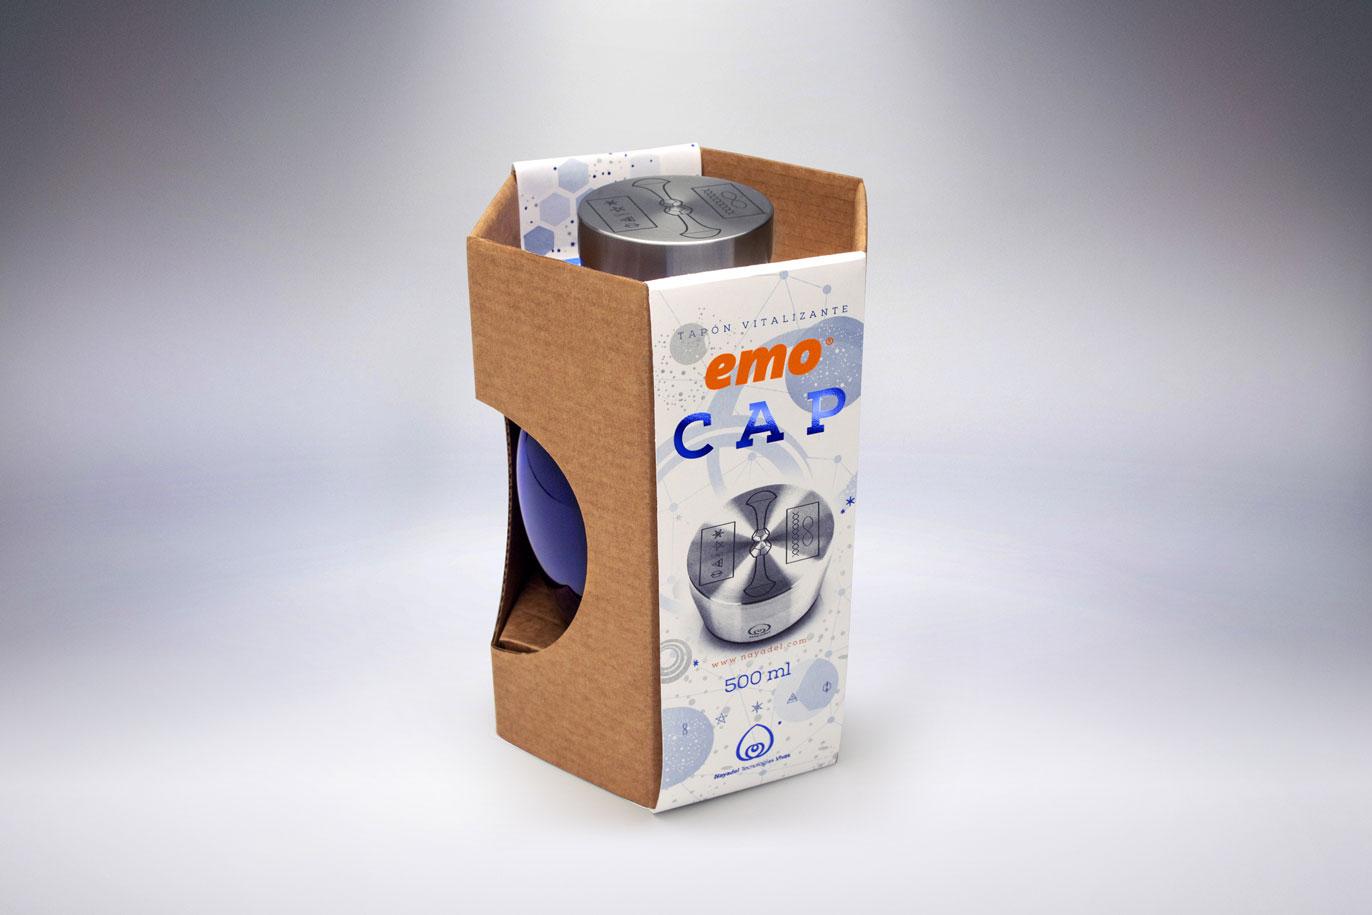 Emo Cap ecopackaging disseny gràfic comunicació gràfica Vibranding